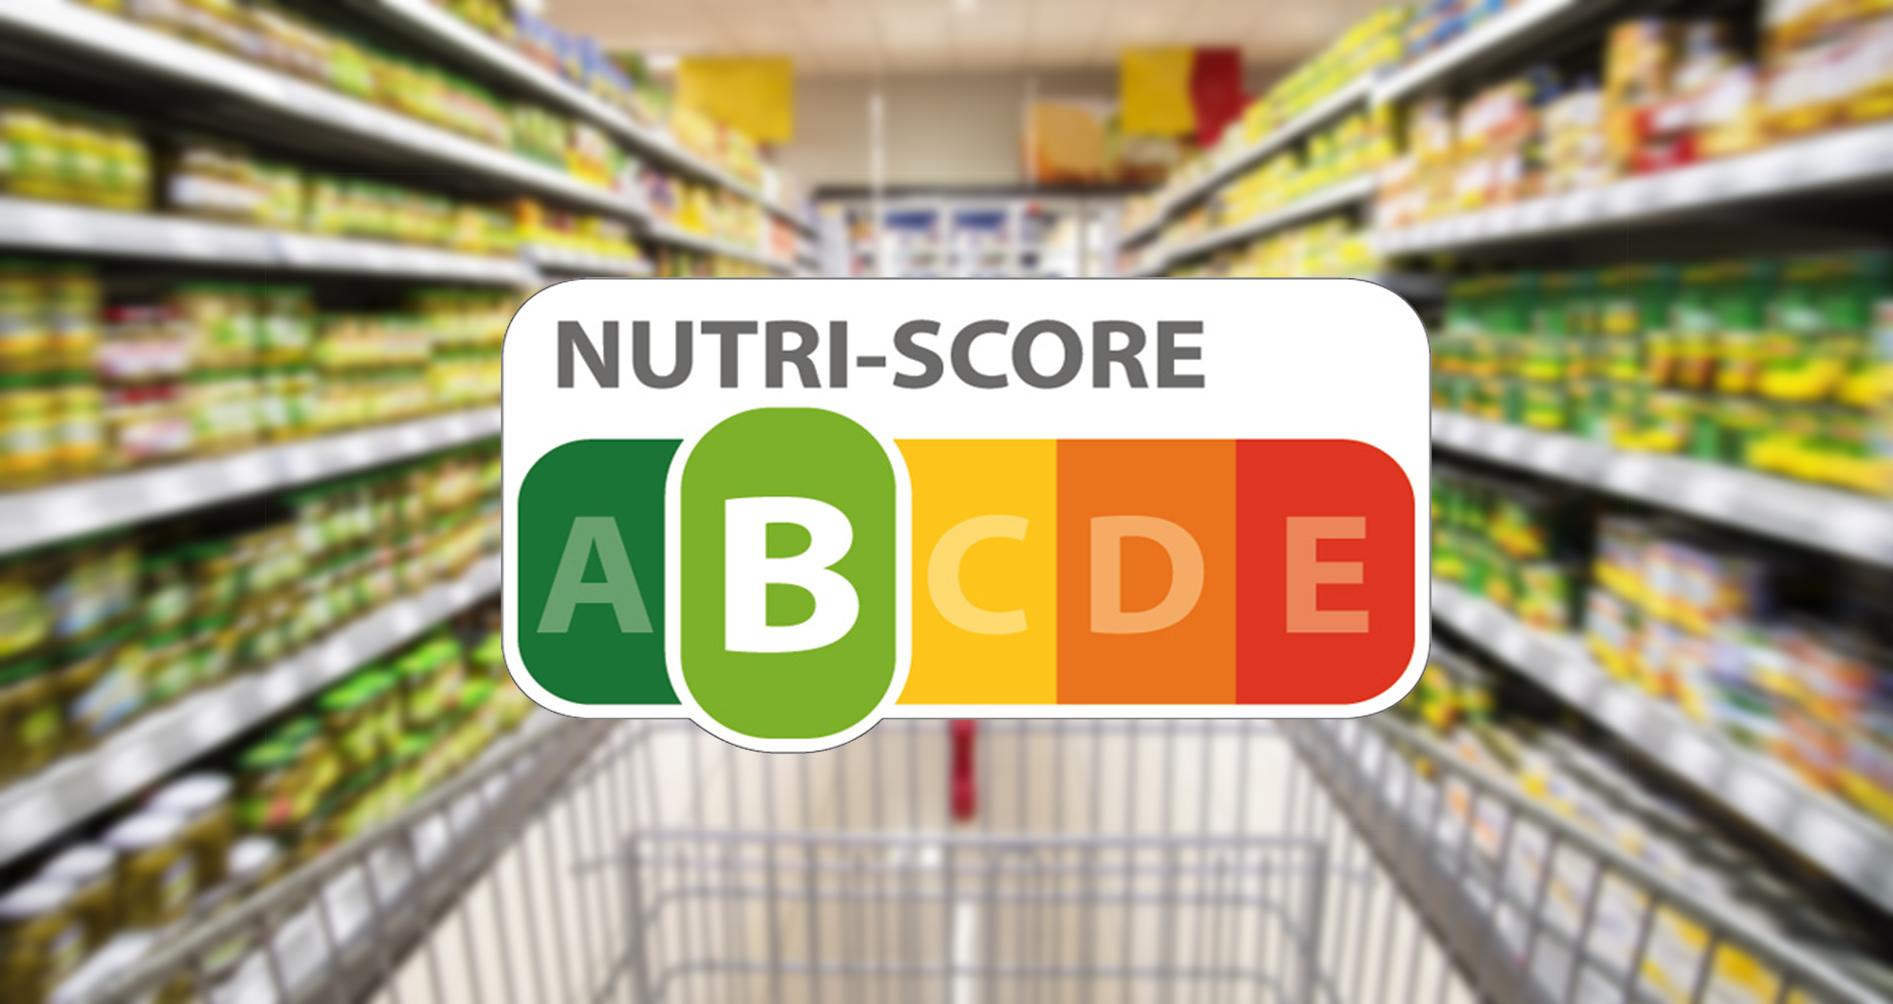 nouveau logo nutritionnel